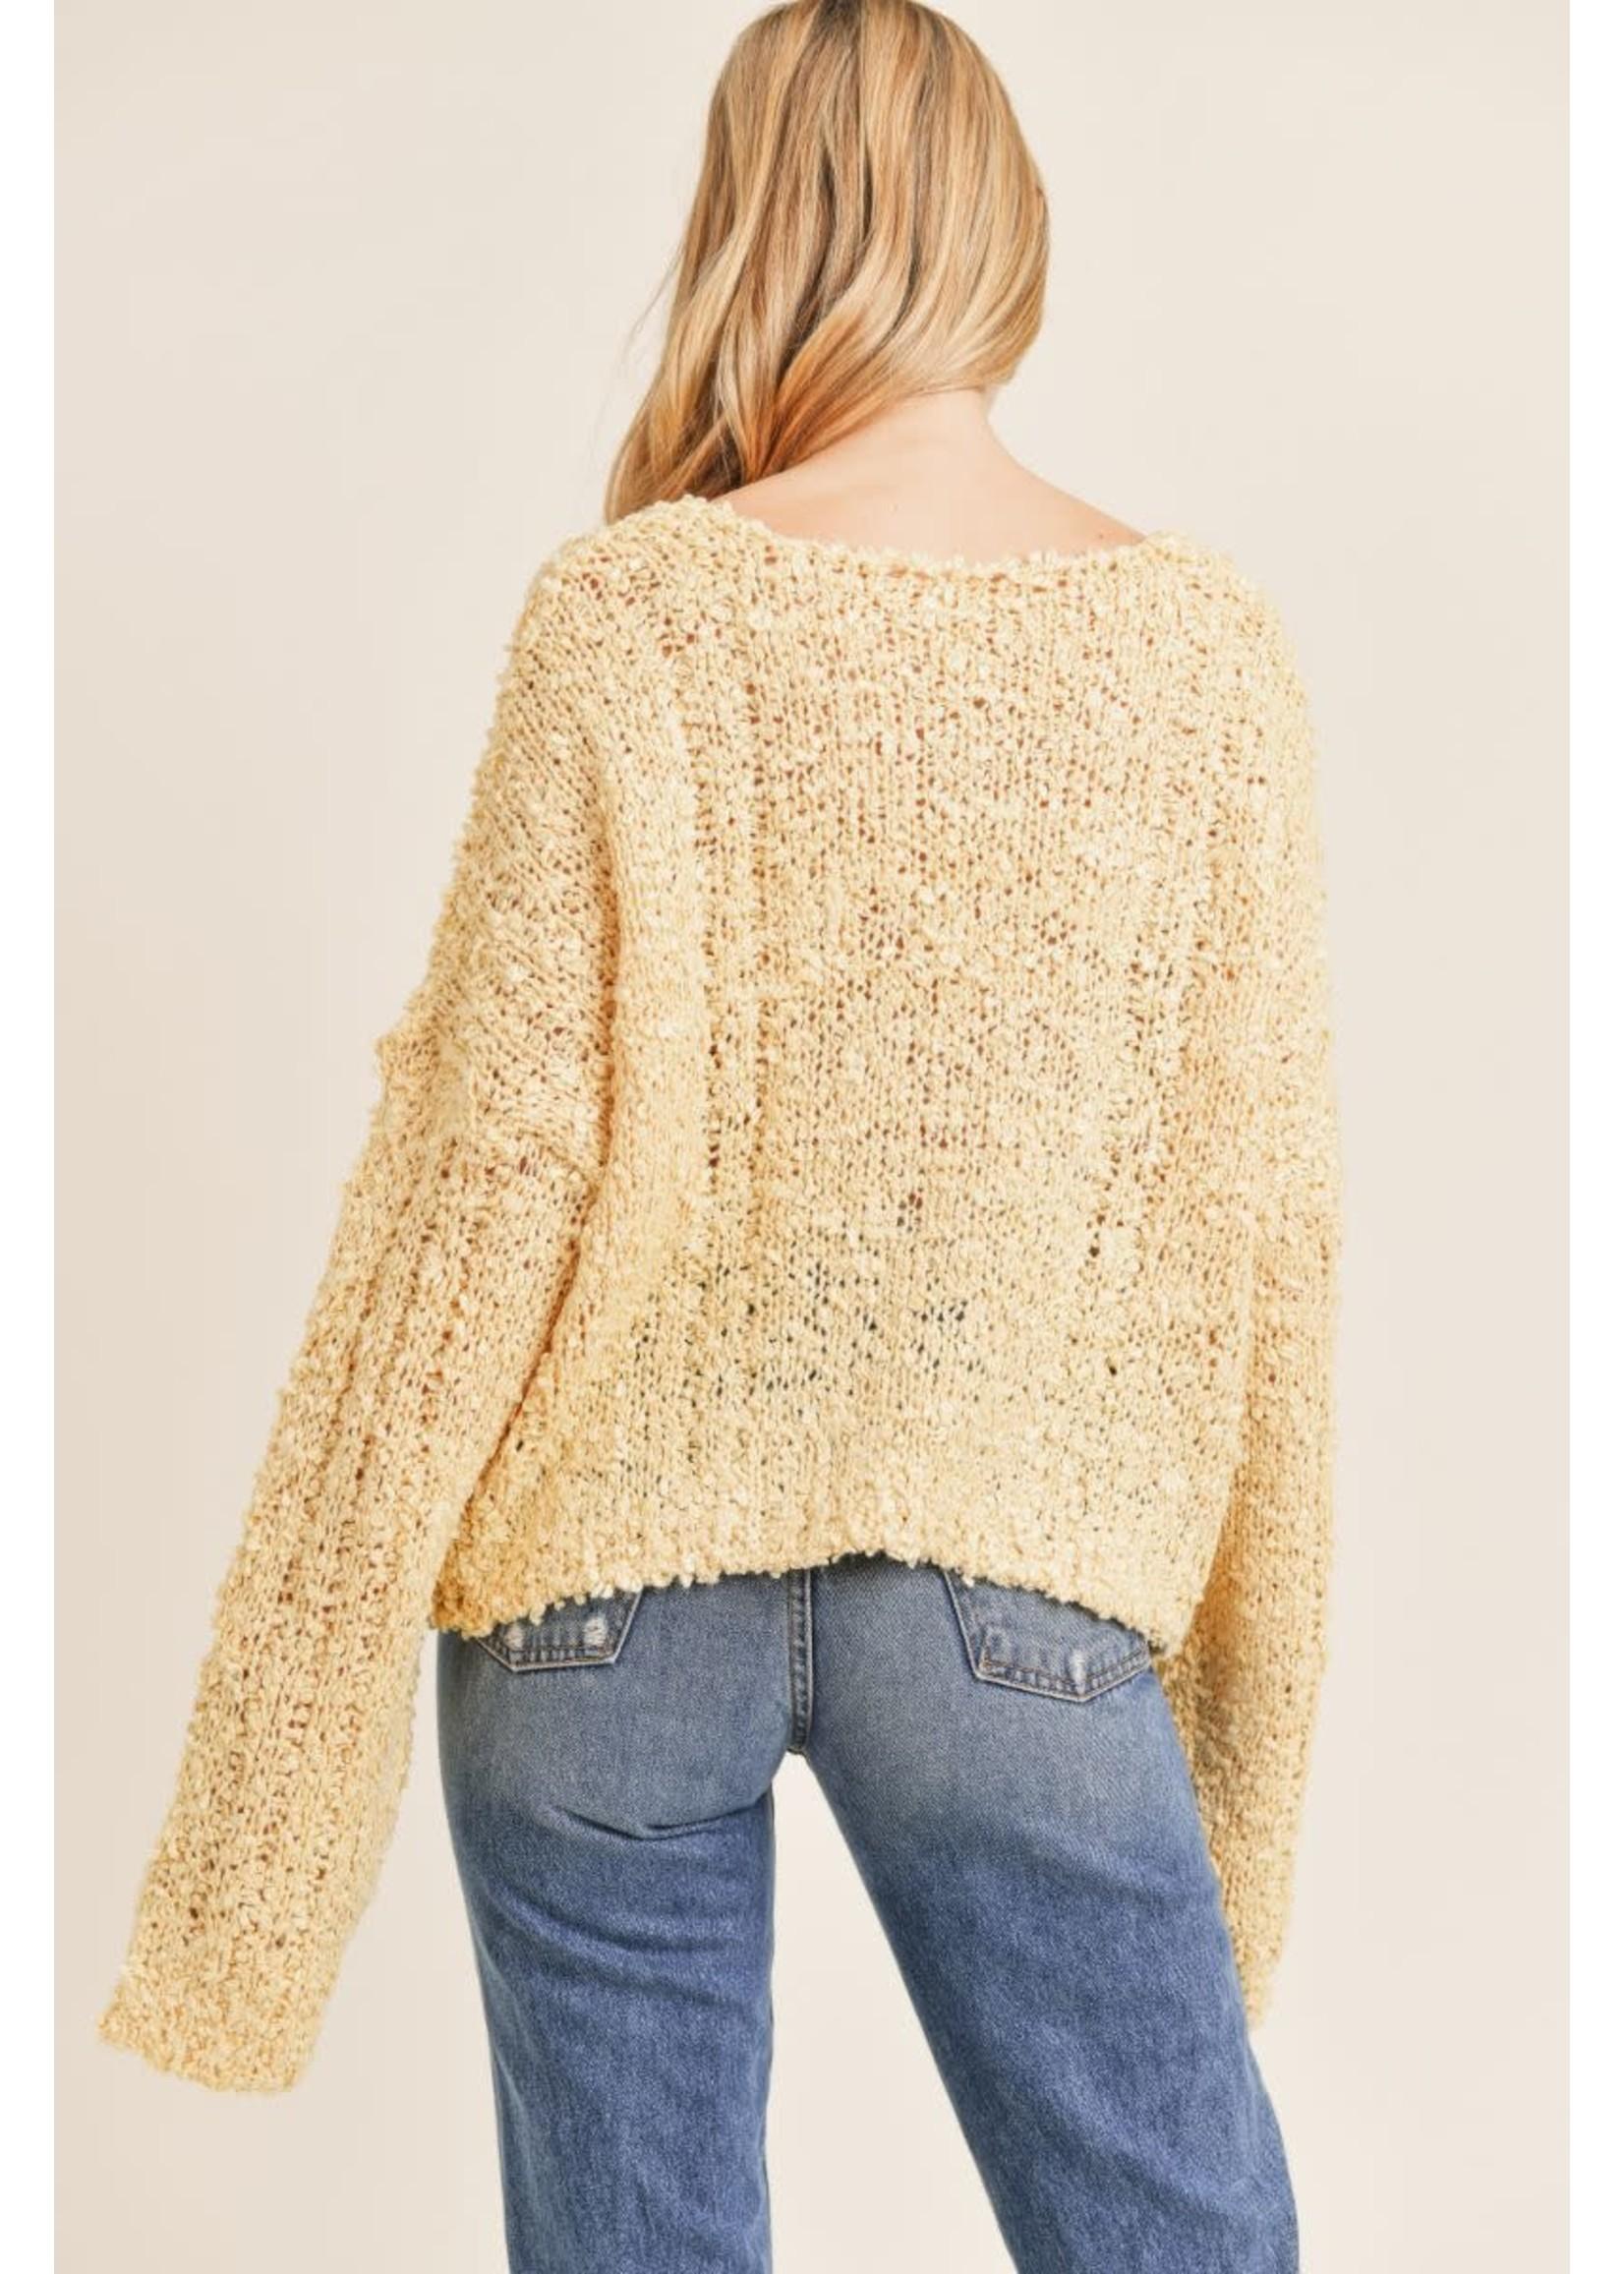 Sadie & Sage Evergrow Sweater - AC342433